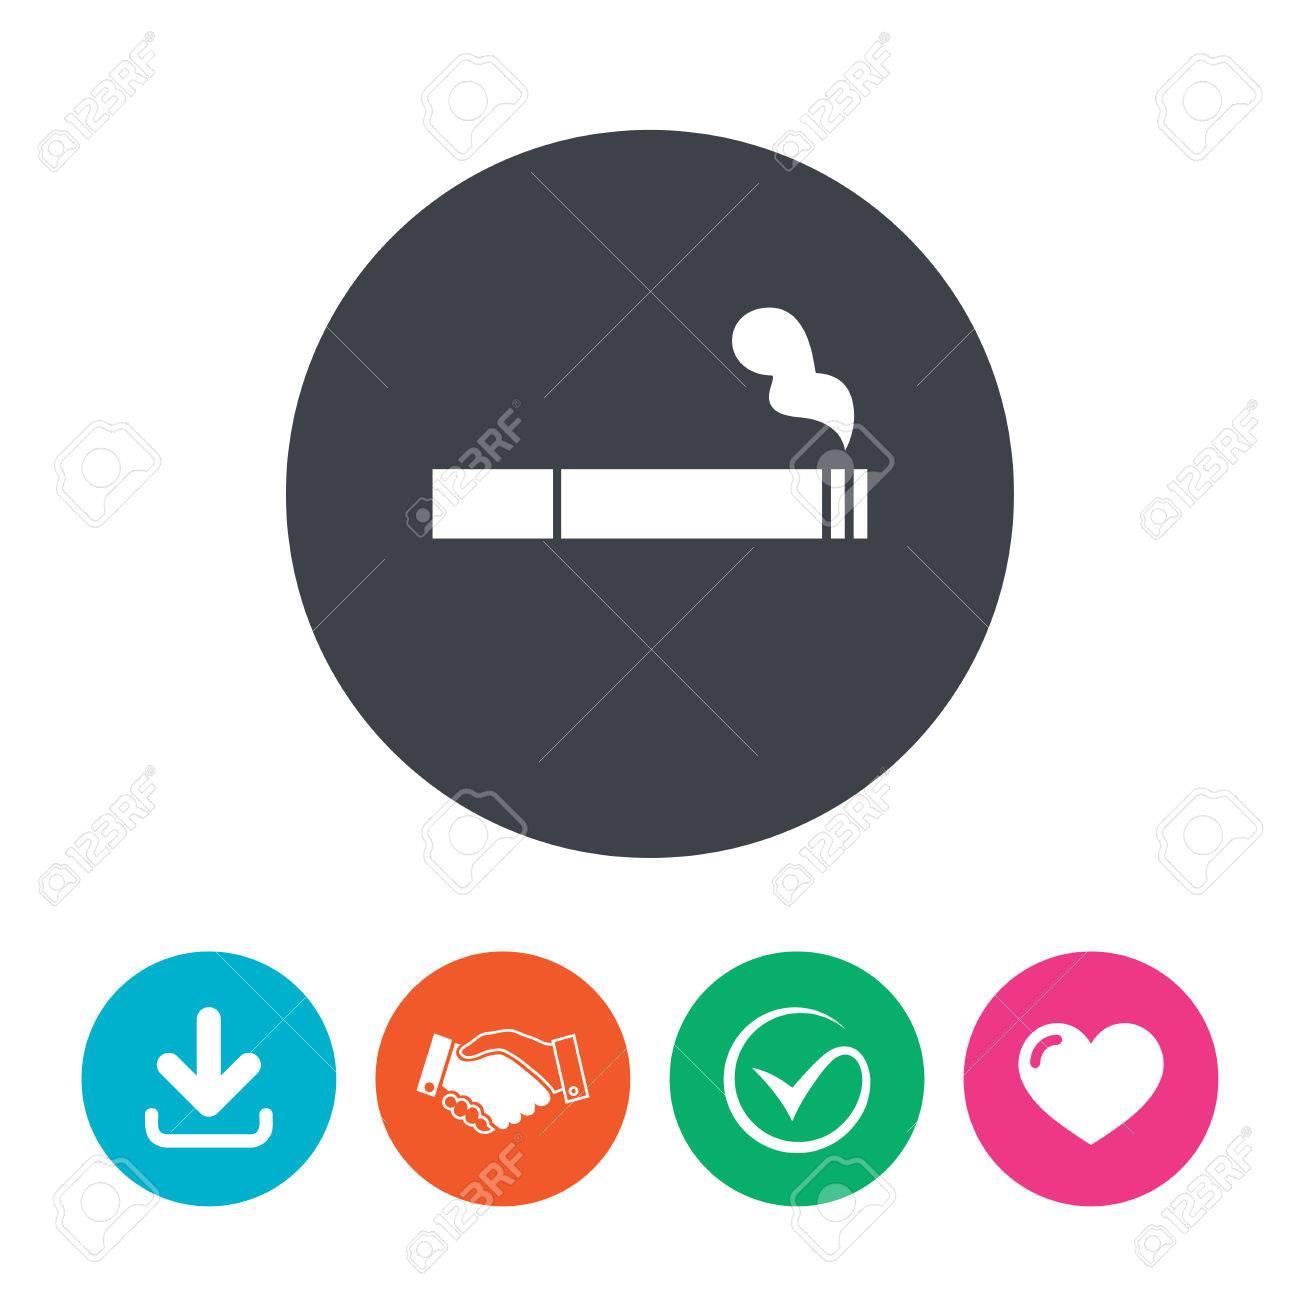 smoking sign icon cigarette symbol download arrow handshake